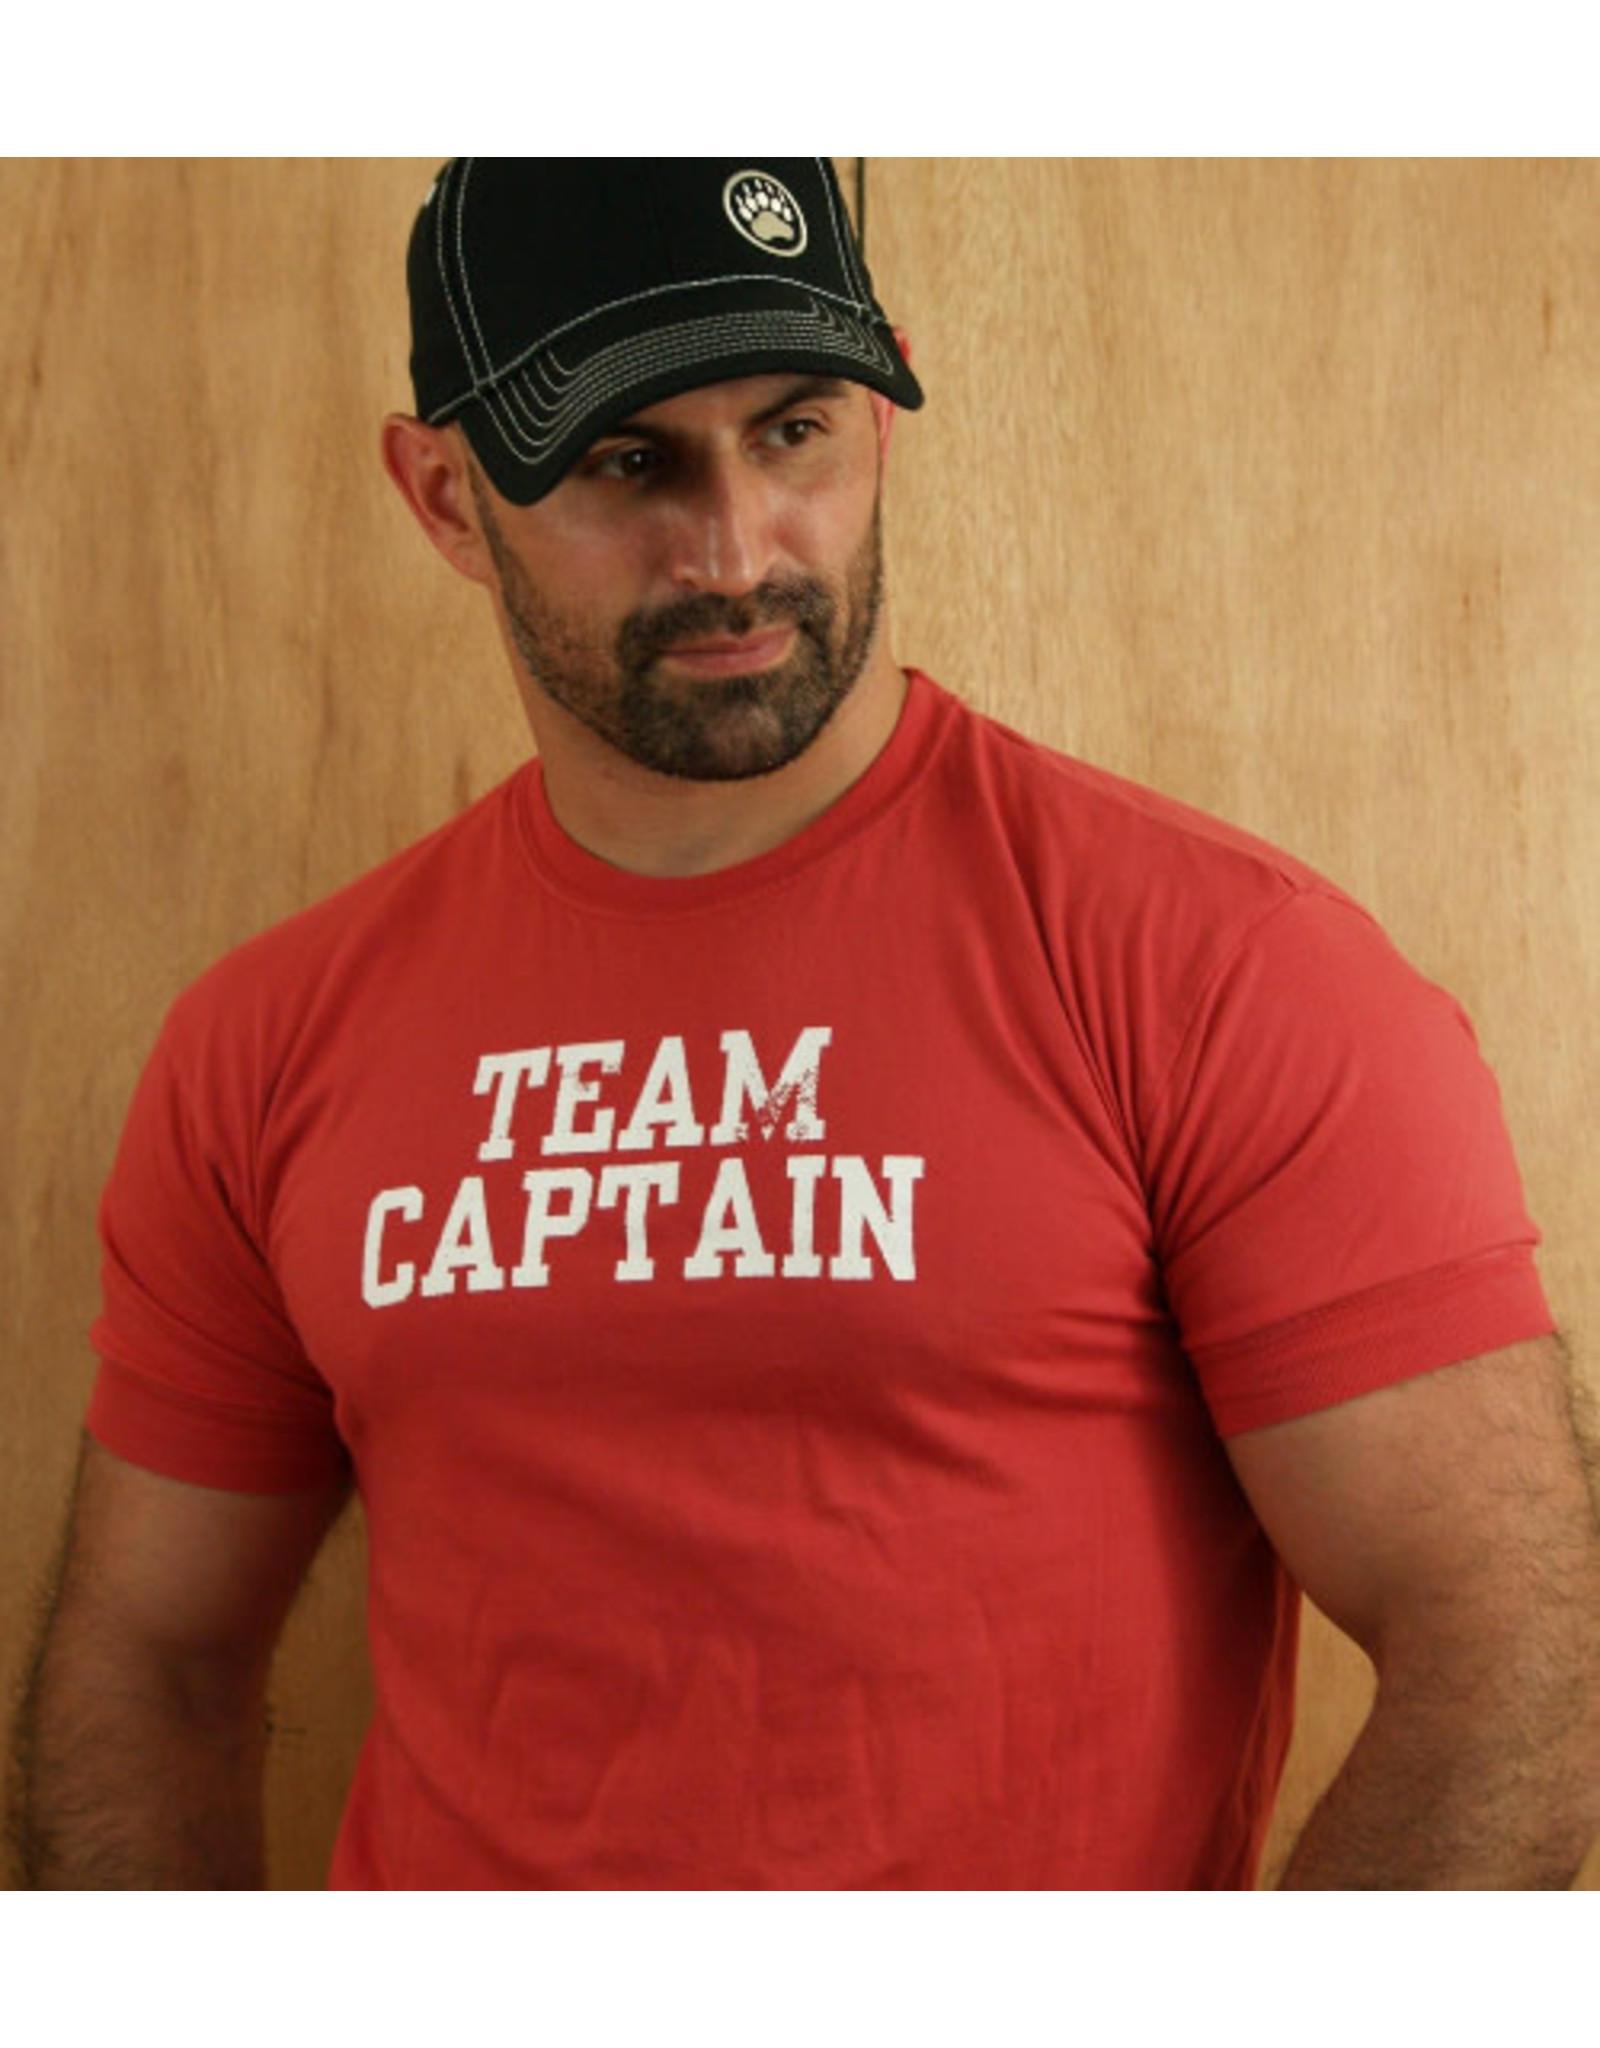 ajaxx63 ajaxx63 Team Captain Tee